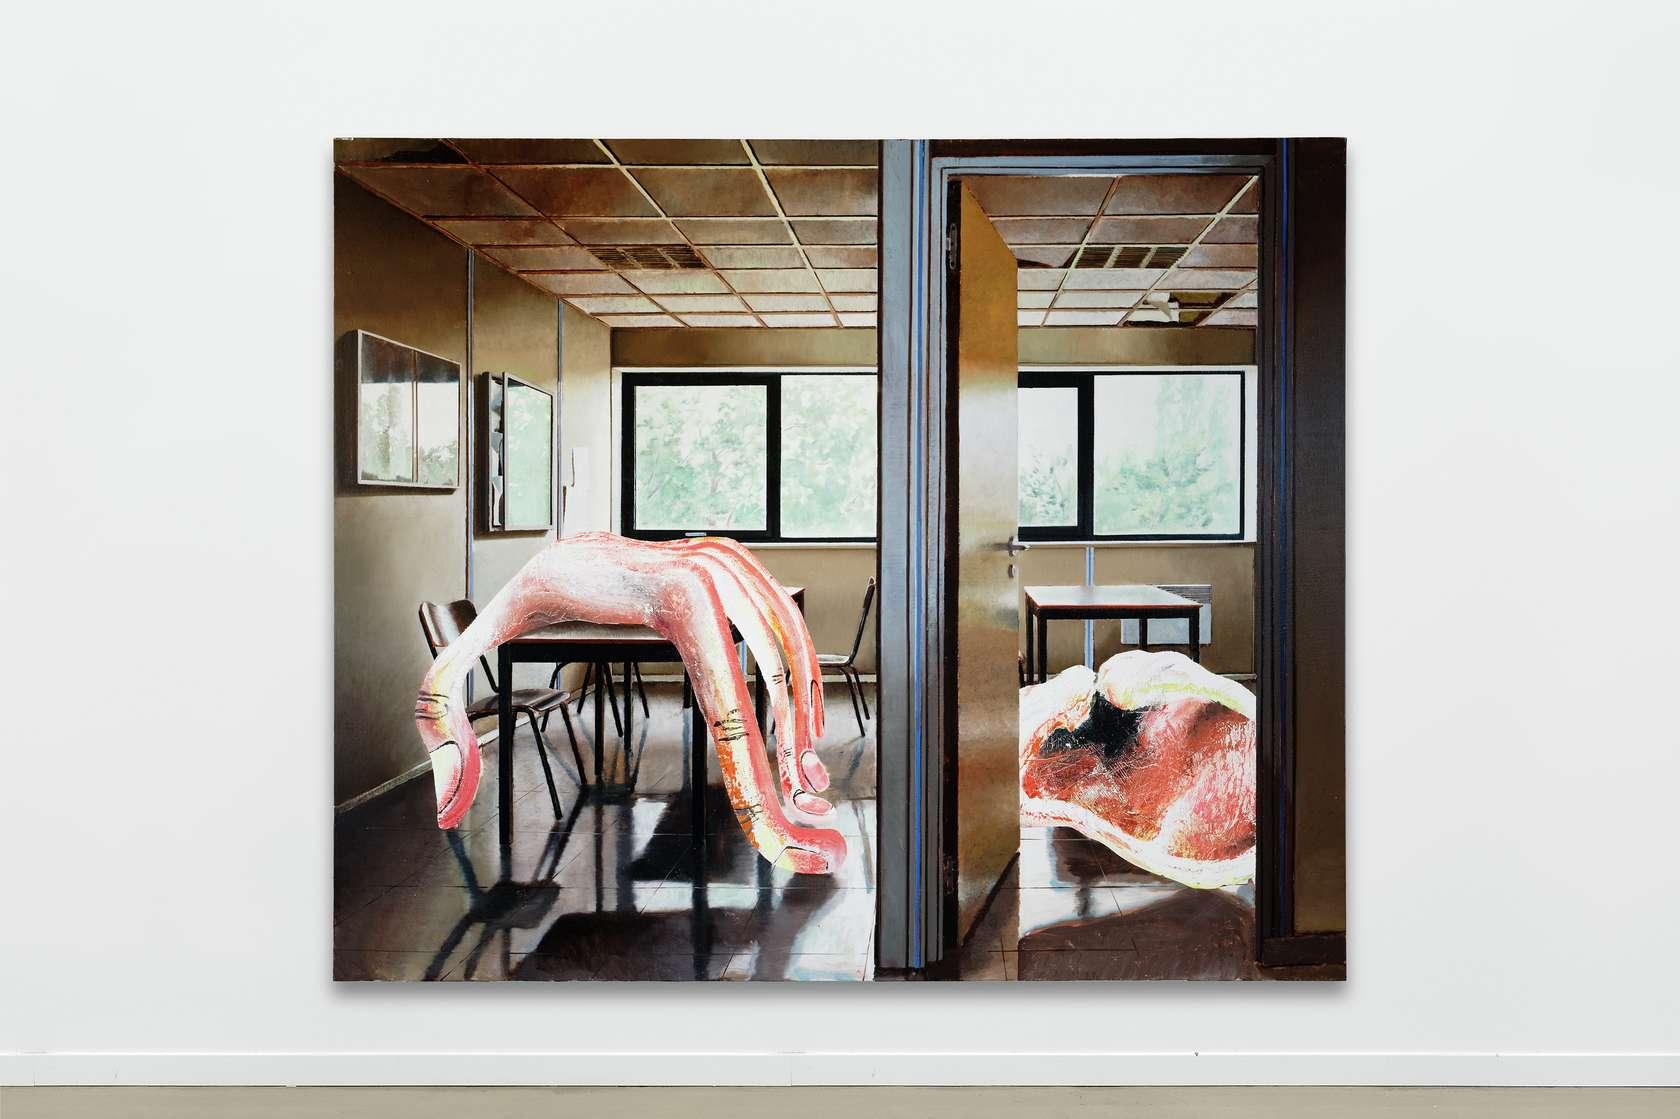 Laurent Proux, Salle de repos, 2018 Huile sur toile200 × 240 cm / 78 6/8 × 94 1/2 in.